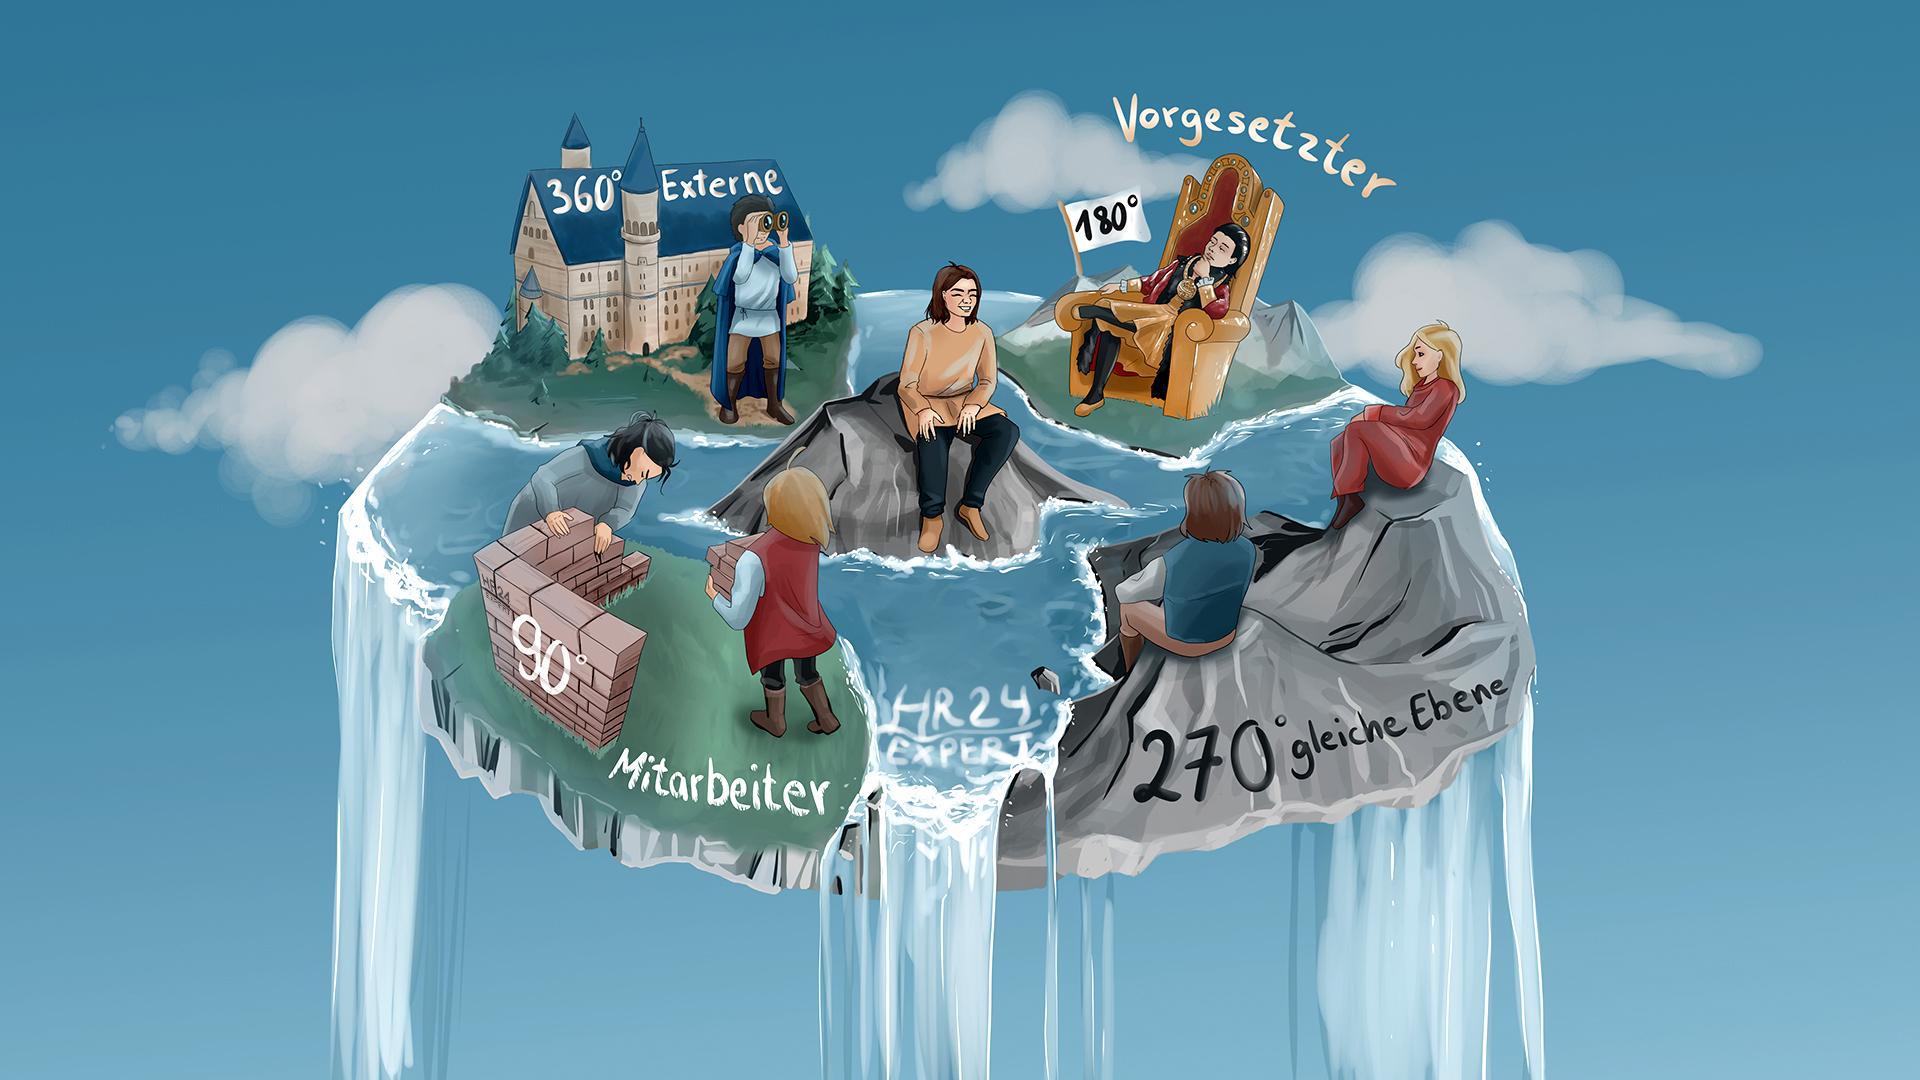 Feedbacknehmer, Mitarbeiter, Vorgesetzter, Kollegen auf gleicher Ebene und Externe Personen sind am 360 Grad Feedback beteiligt.